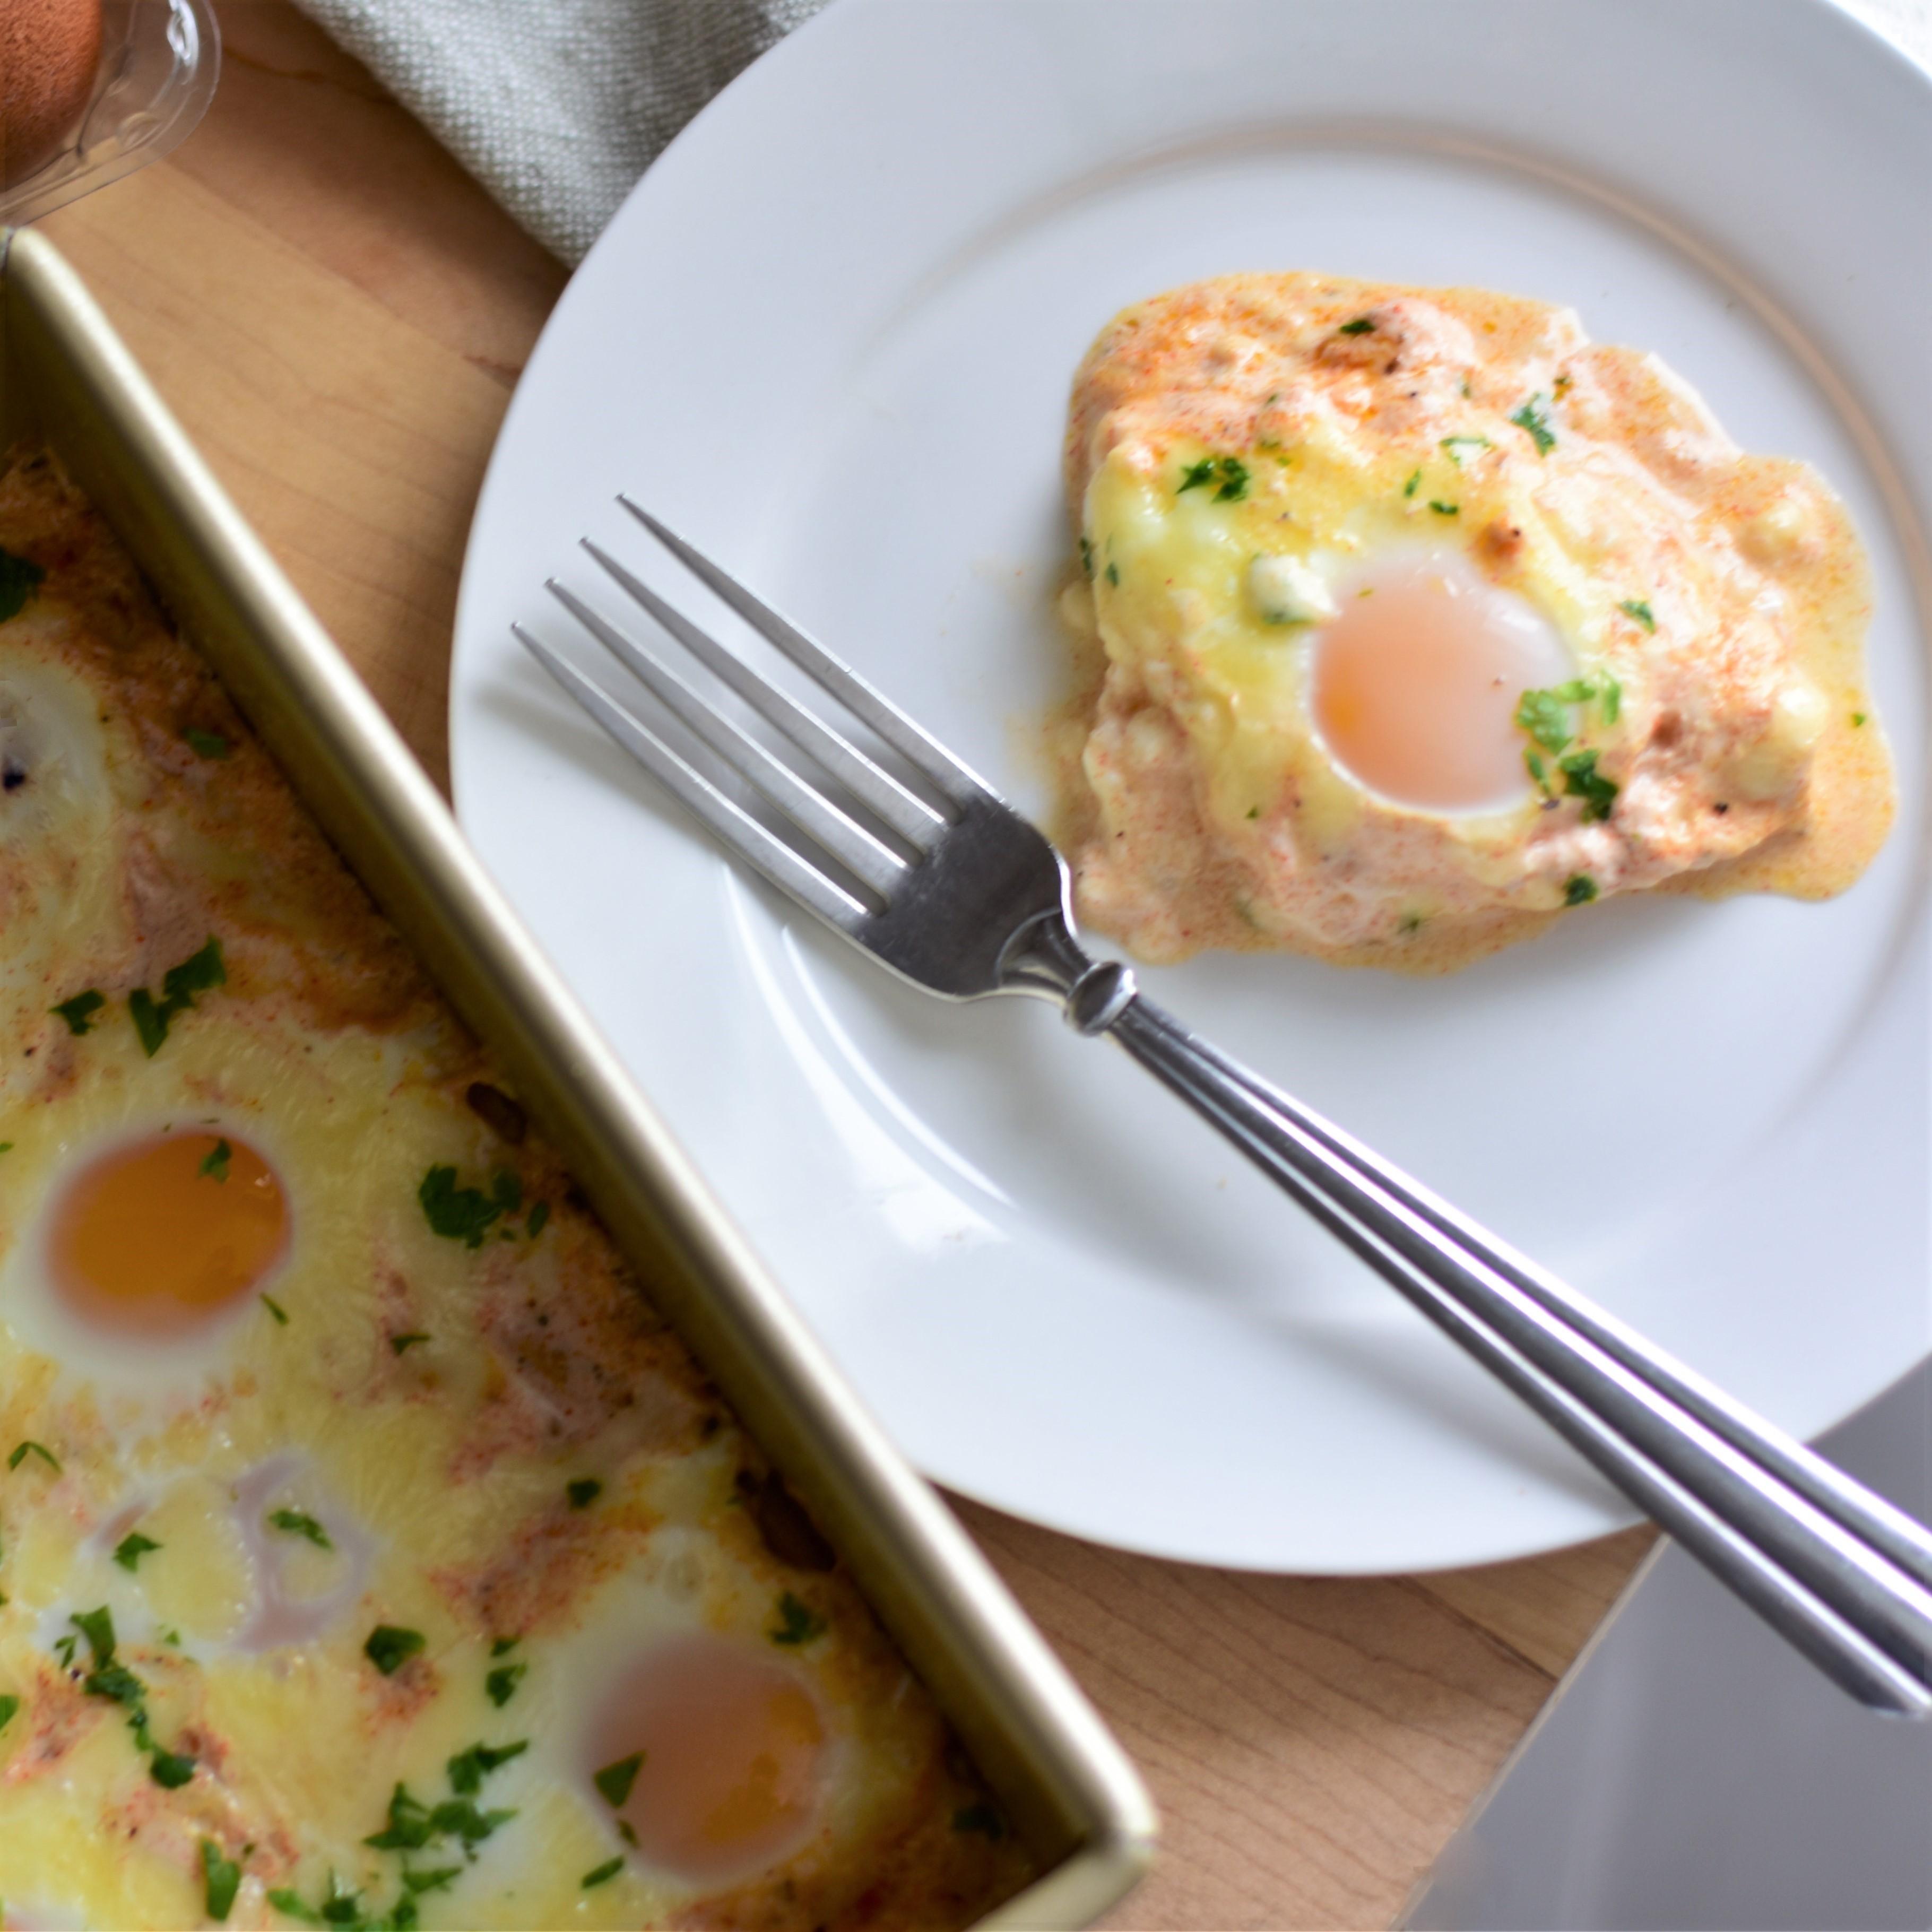 Easy Cheesy Baked Eggs